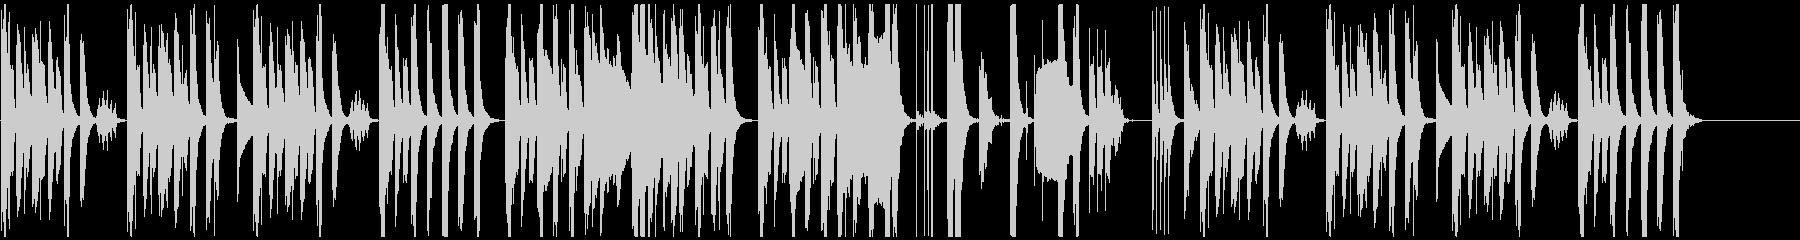 木管楽器と打楽器の日常系コミカル曲の未再生の波形